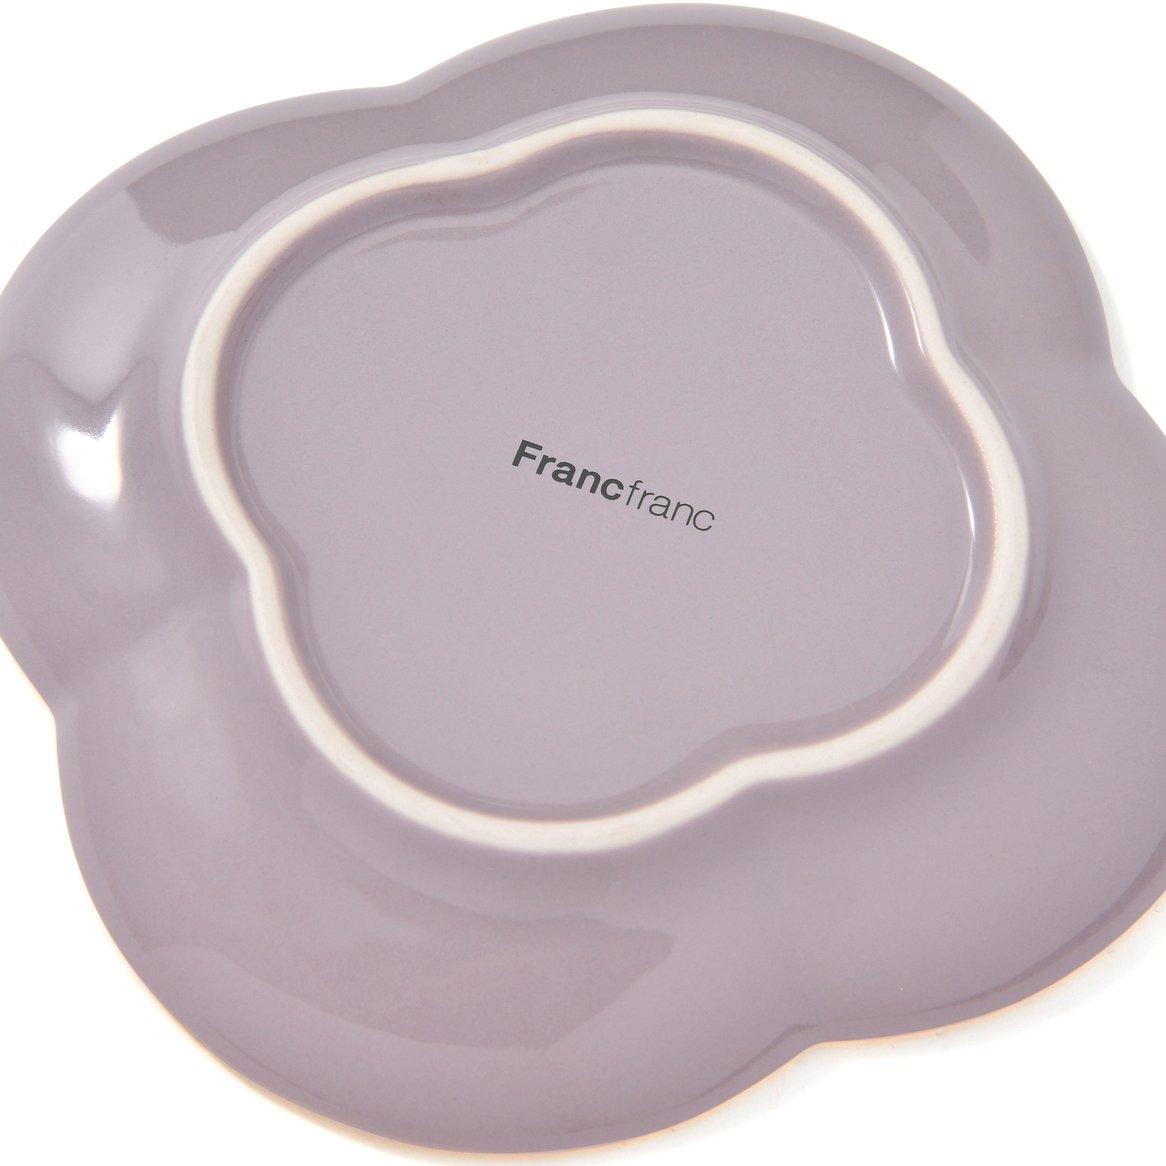 Francfranc(フランフラン) おうちカフェセット 2 personsの商品画像30